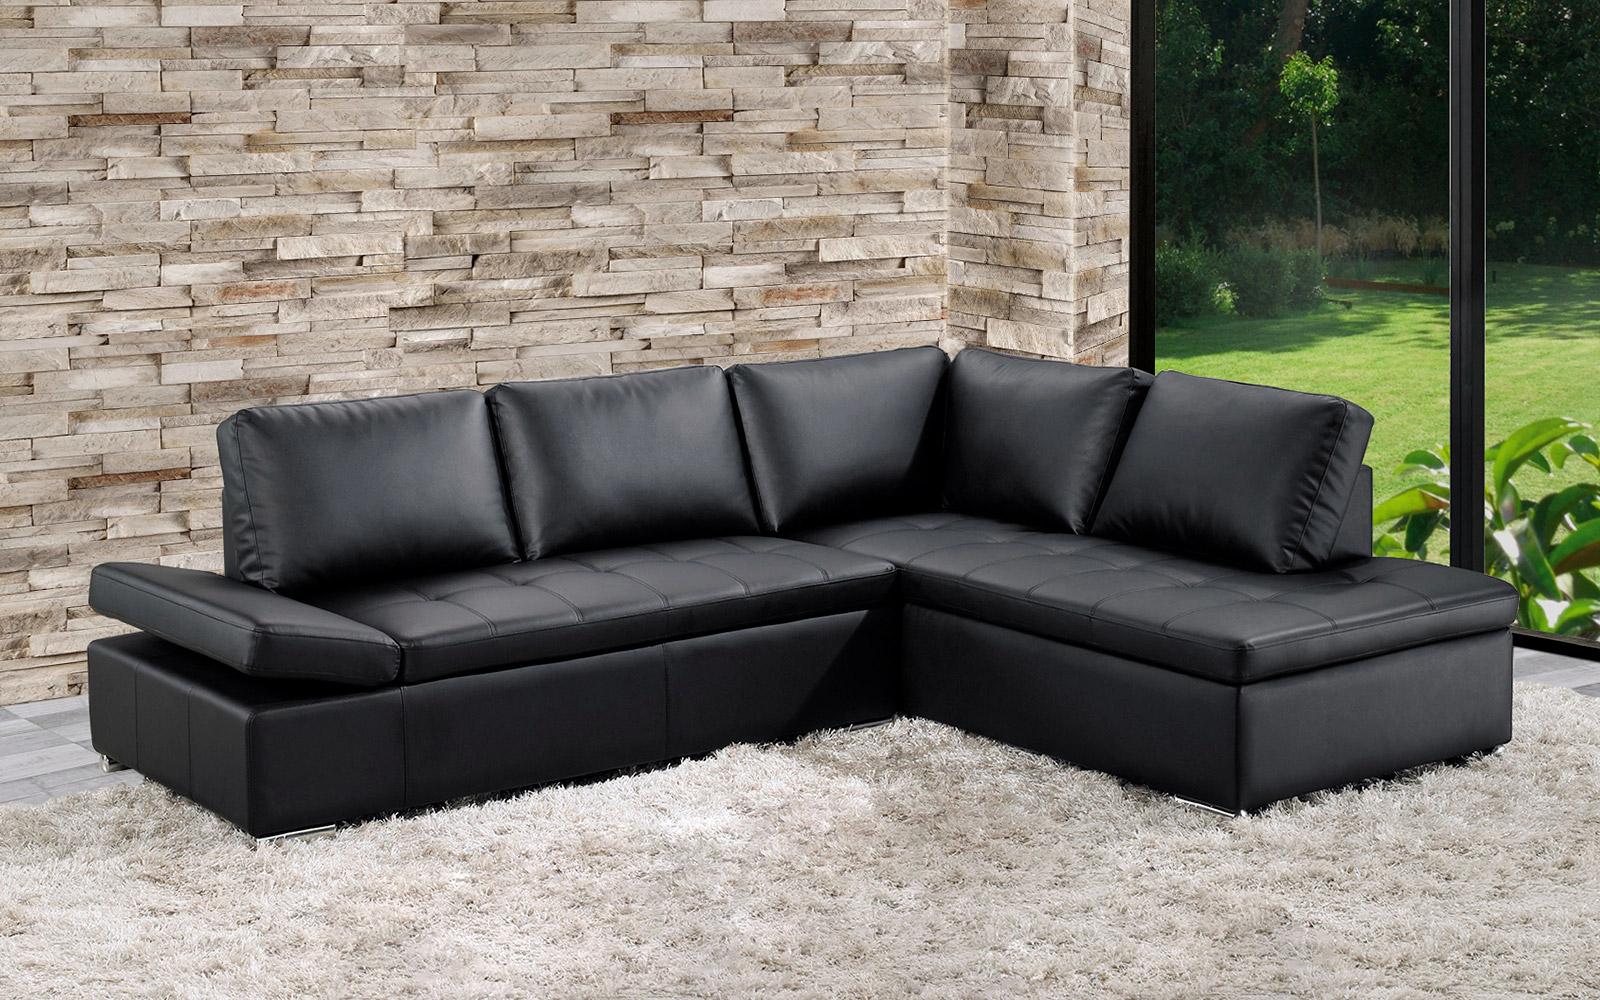 sofa modular homeloft